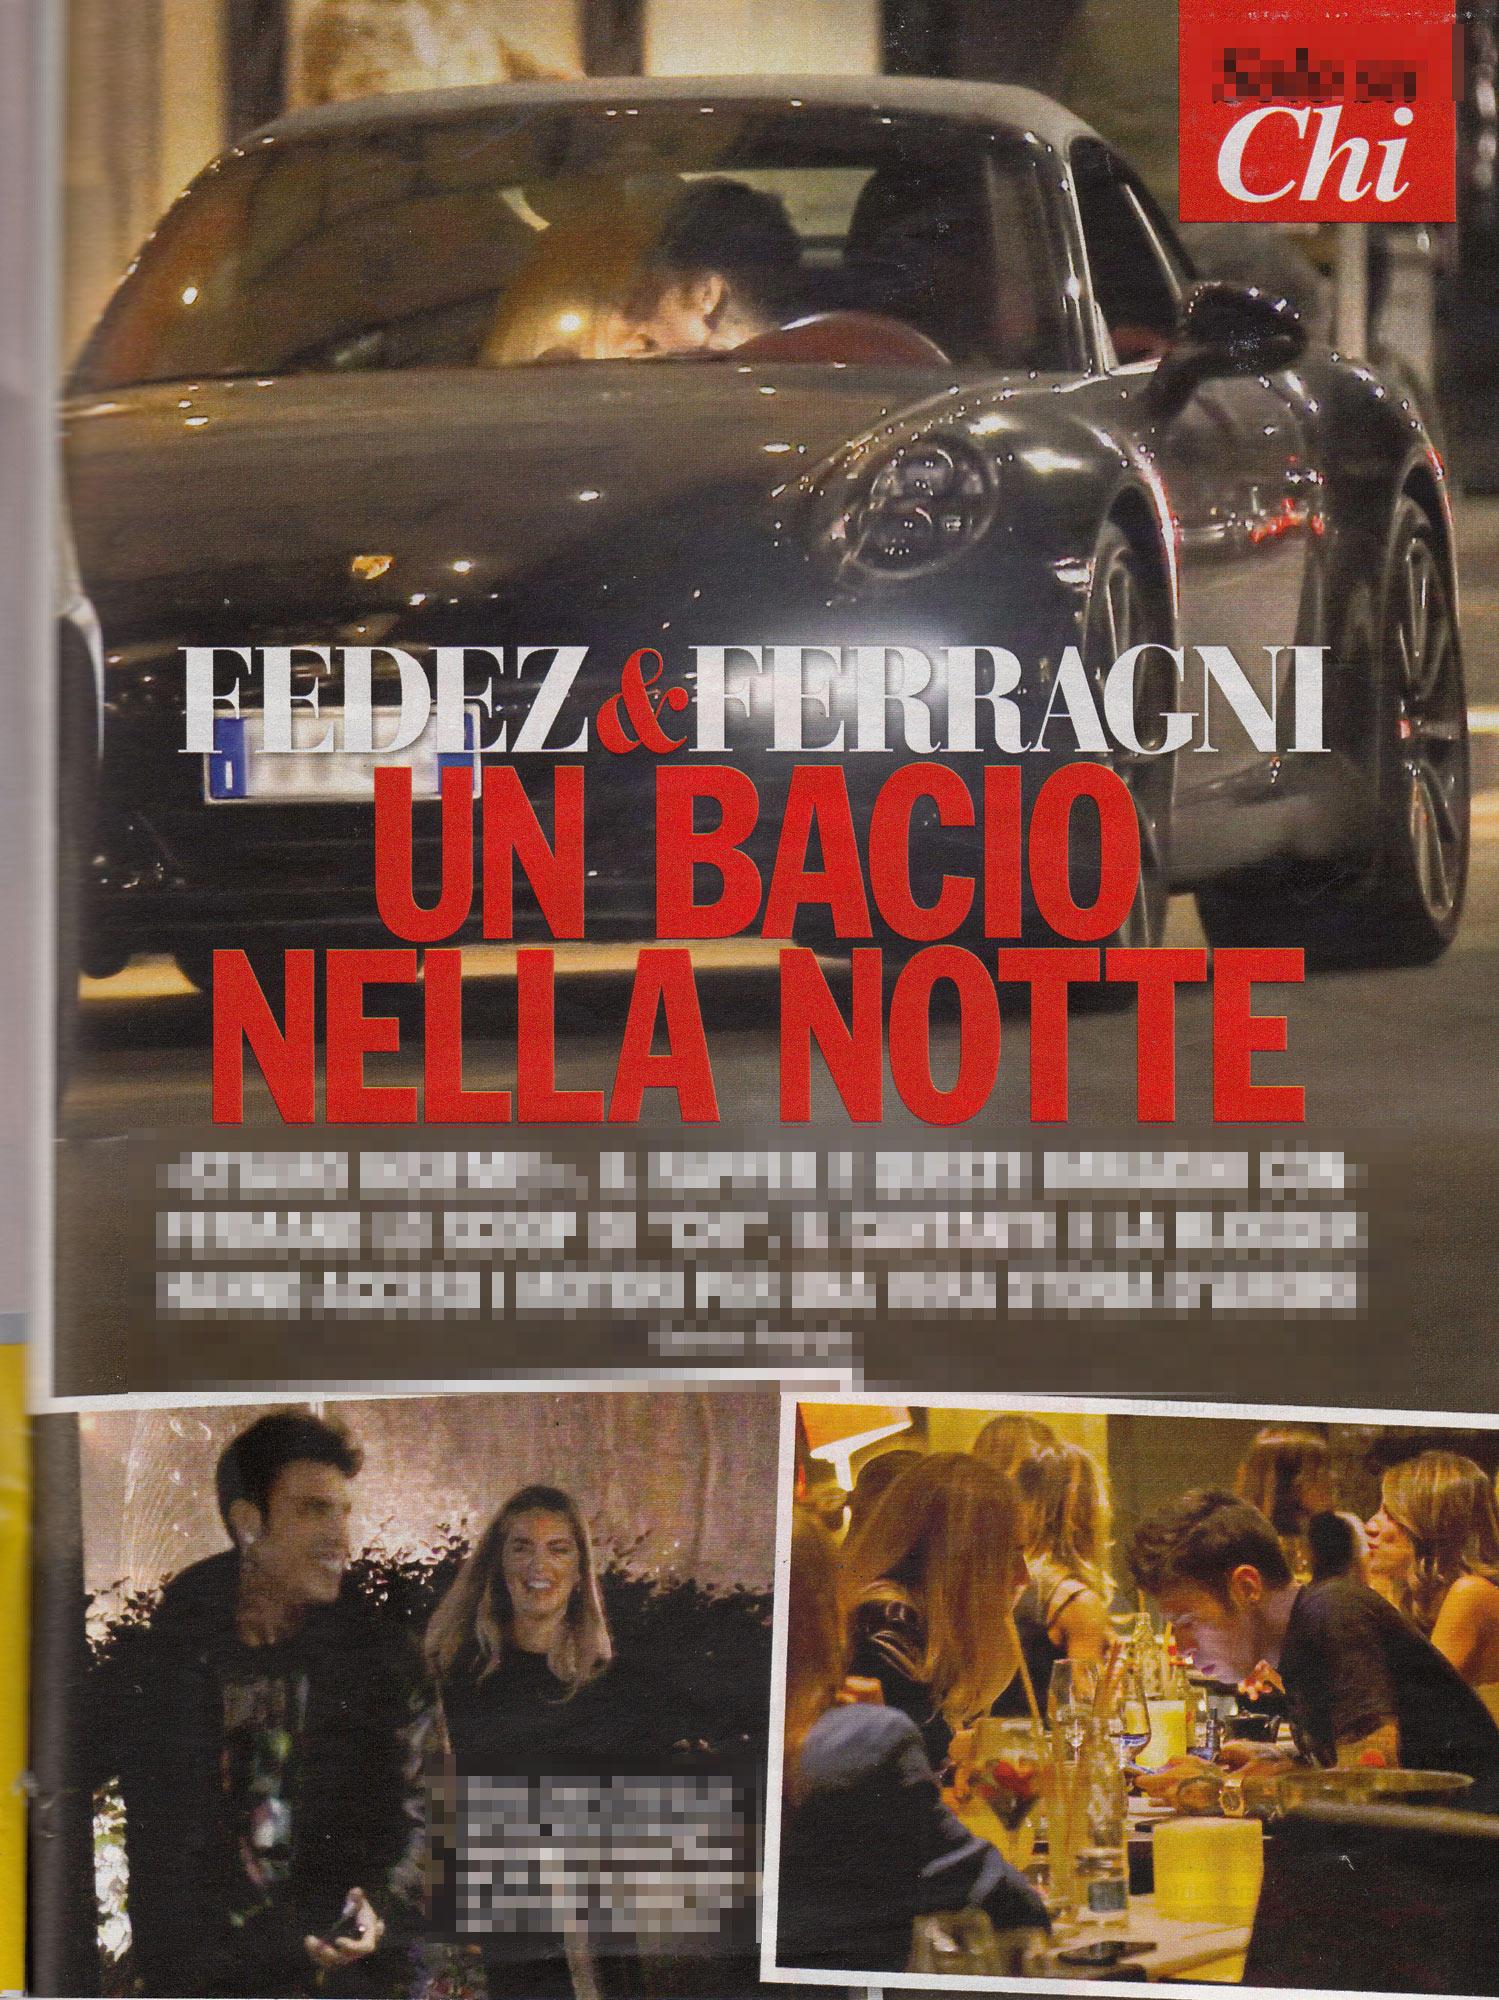 Fedez e Chiara Ferragni, baci milanesi